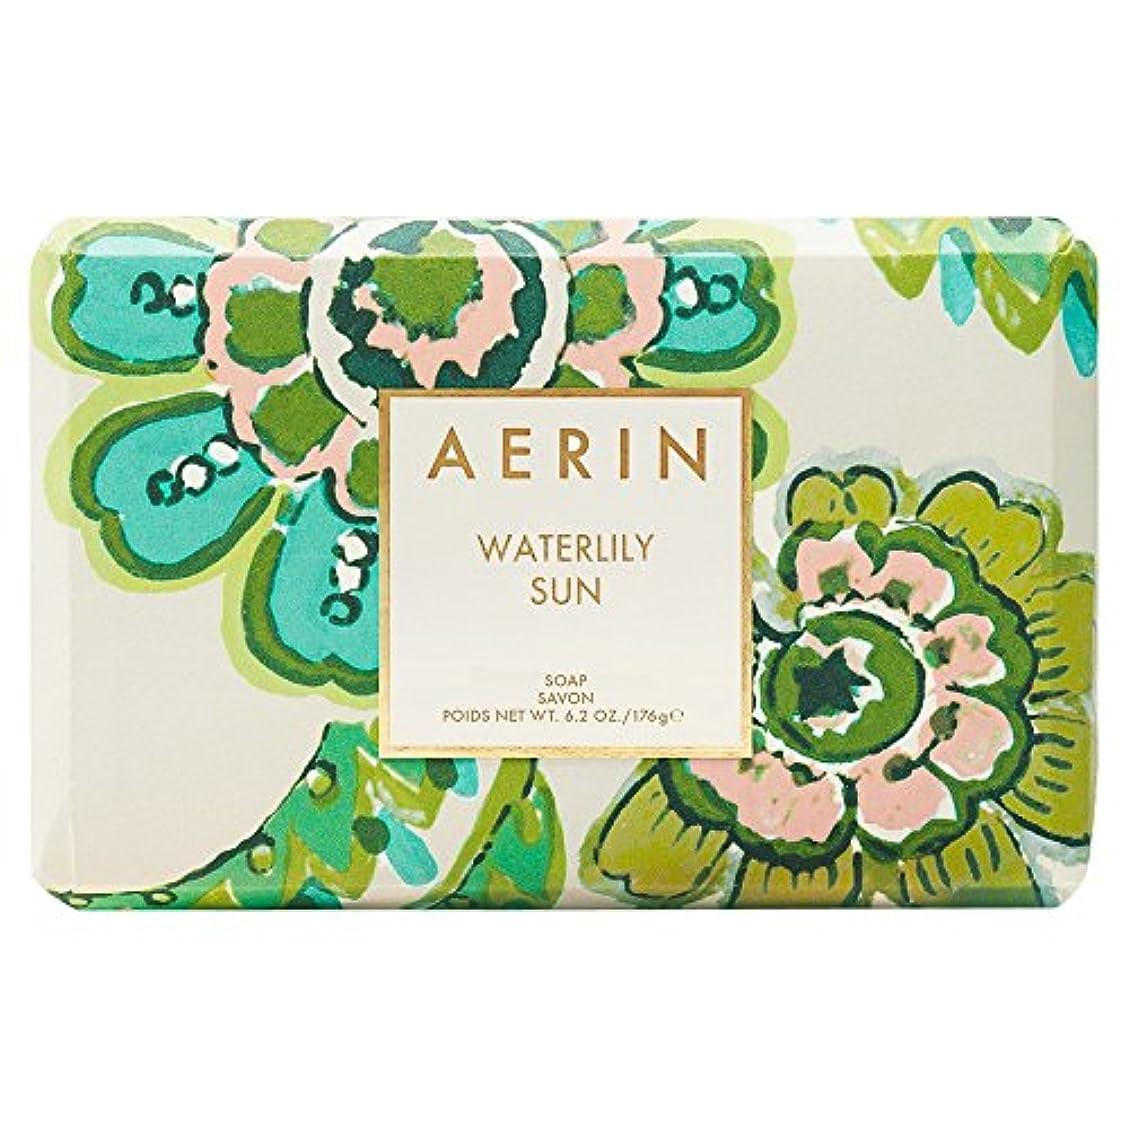 隠シンクきしむAerinスイレン日石鹸176グラム (AERIN) (x2) - AERIN Waterlily Sun Soap 176g (Pack of 2) [並行輸入品]